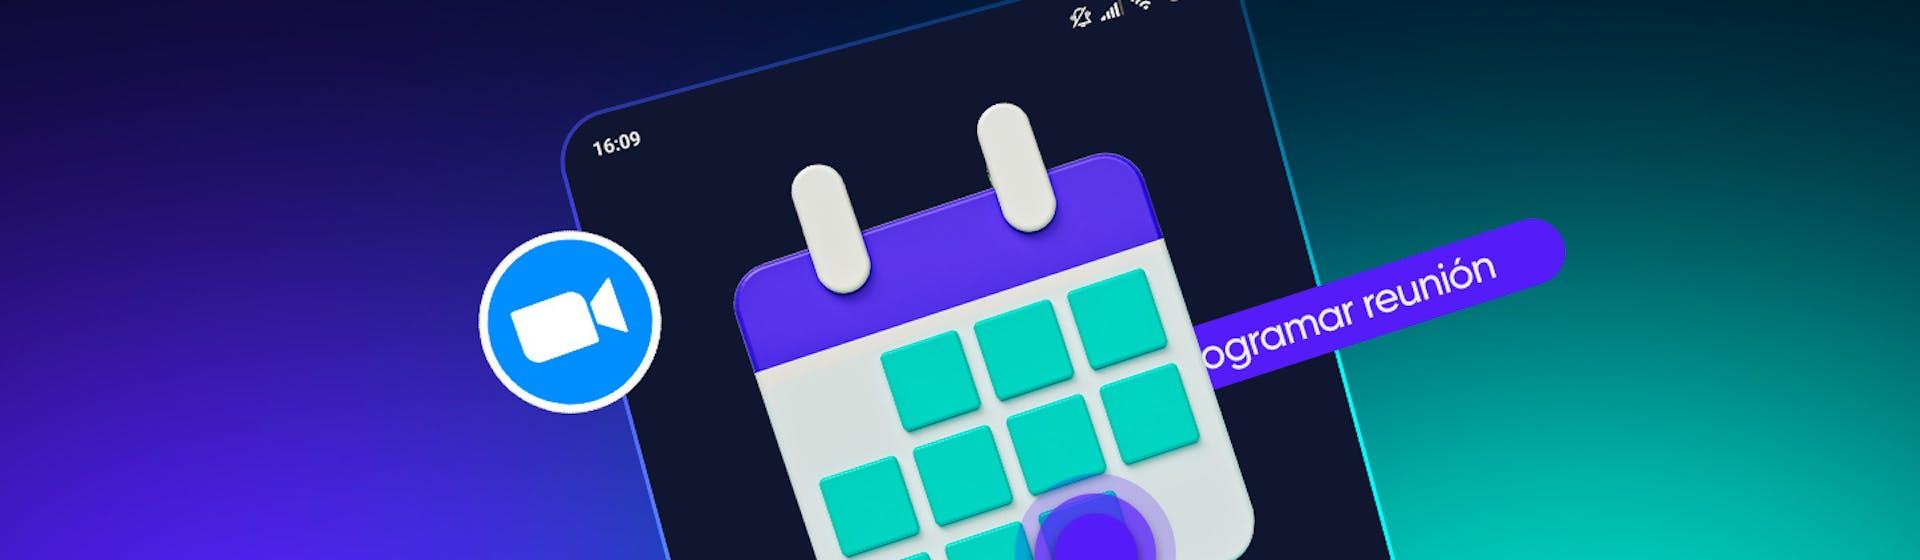 Aprende cómo programar una reunión en Zoom desde el celular en tres pasos